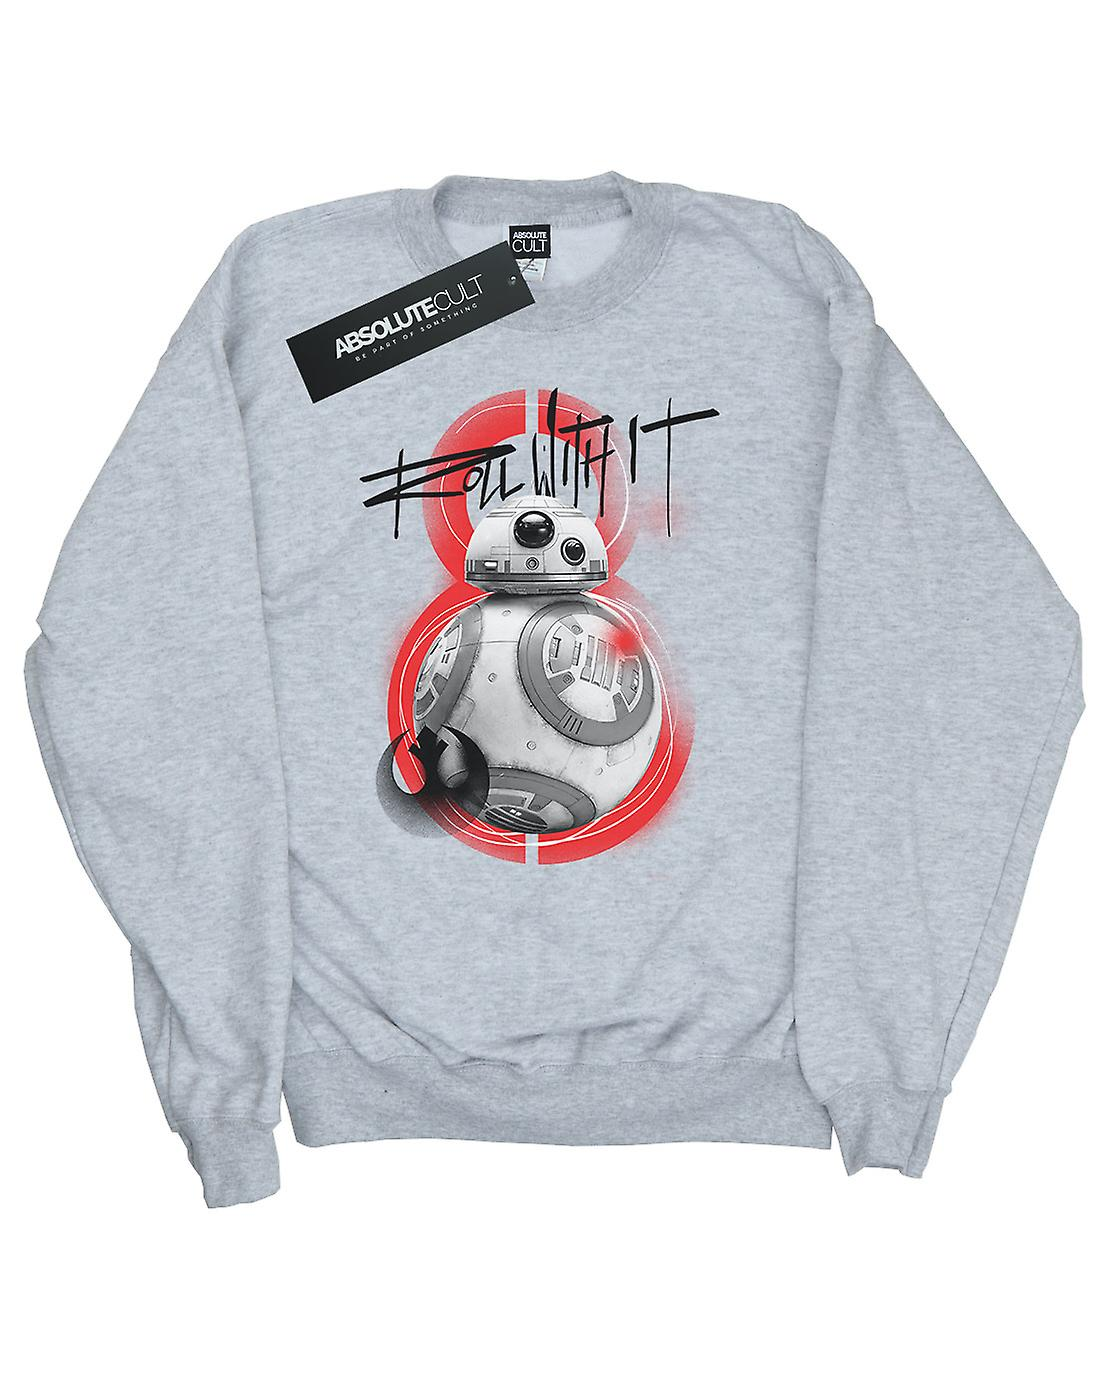 Star Wars Girls The Last Jedi BB-8 Roll With It Sweatshirt